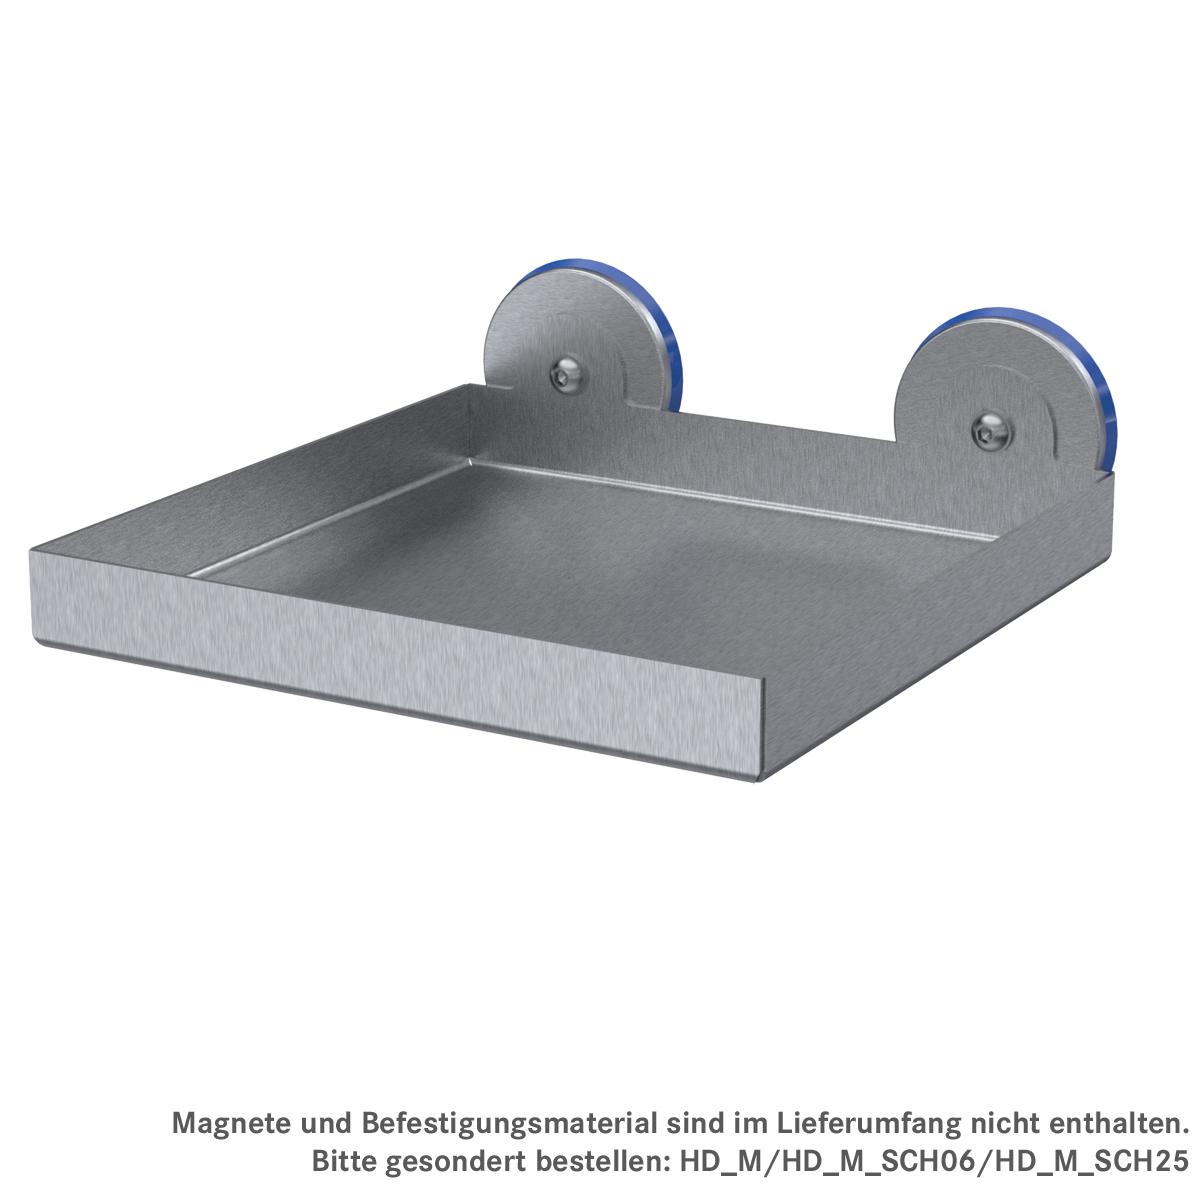 Ablage für Kleinteile und Geräte, ArtNr.: HD_M_AL_K